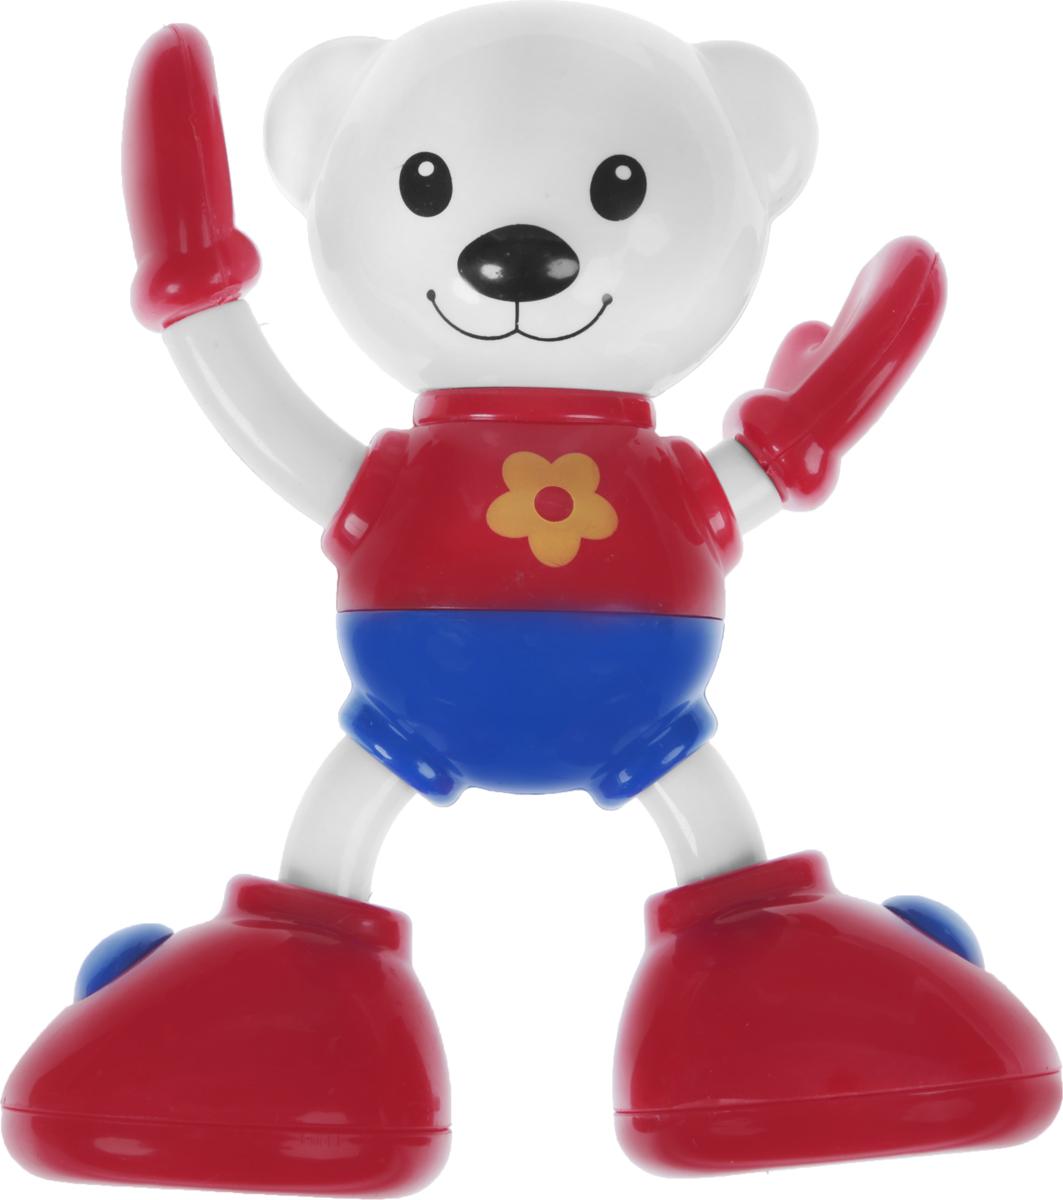 Ути-Пути Развивающая игрушка Медвежонок